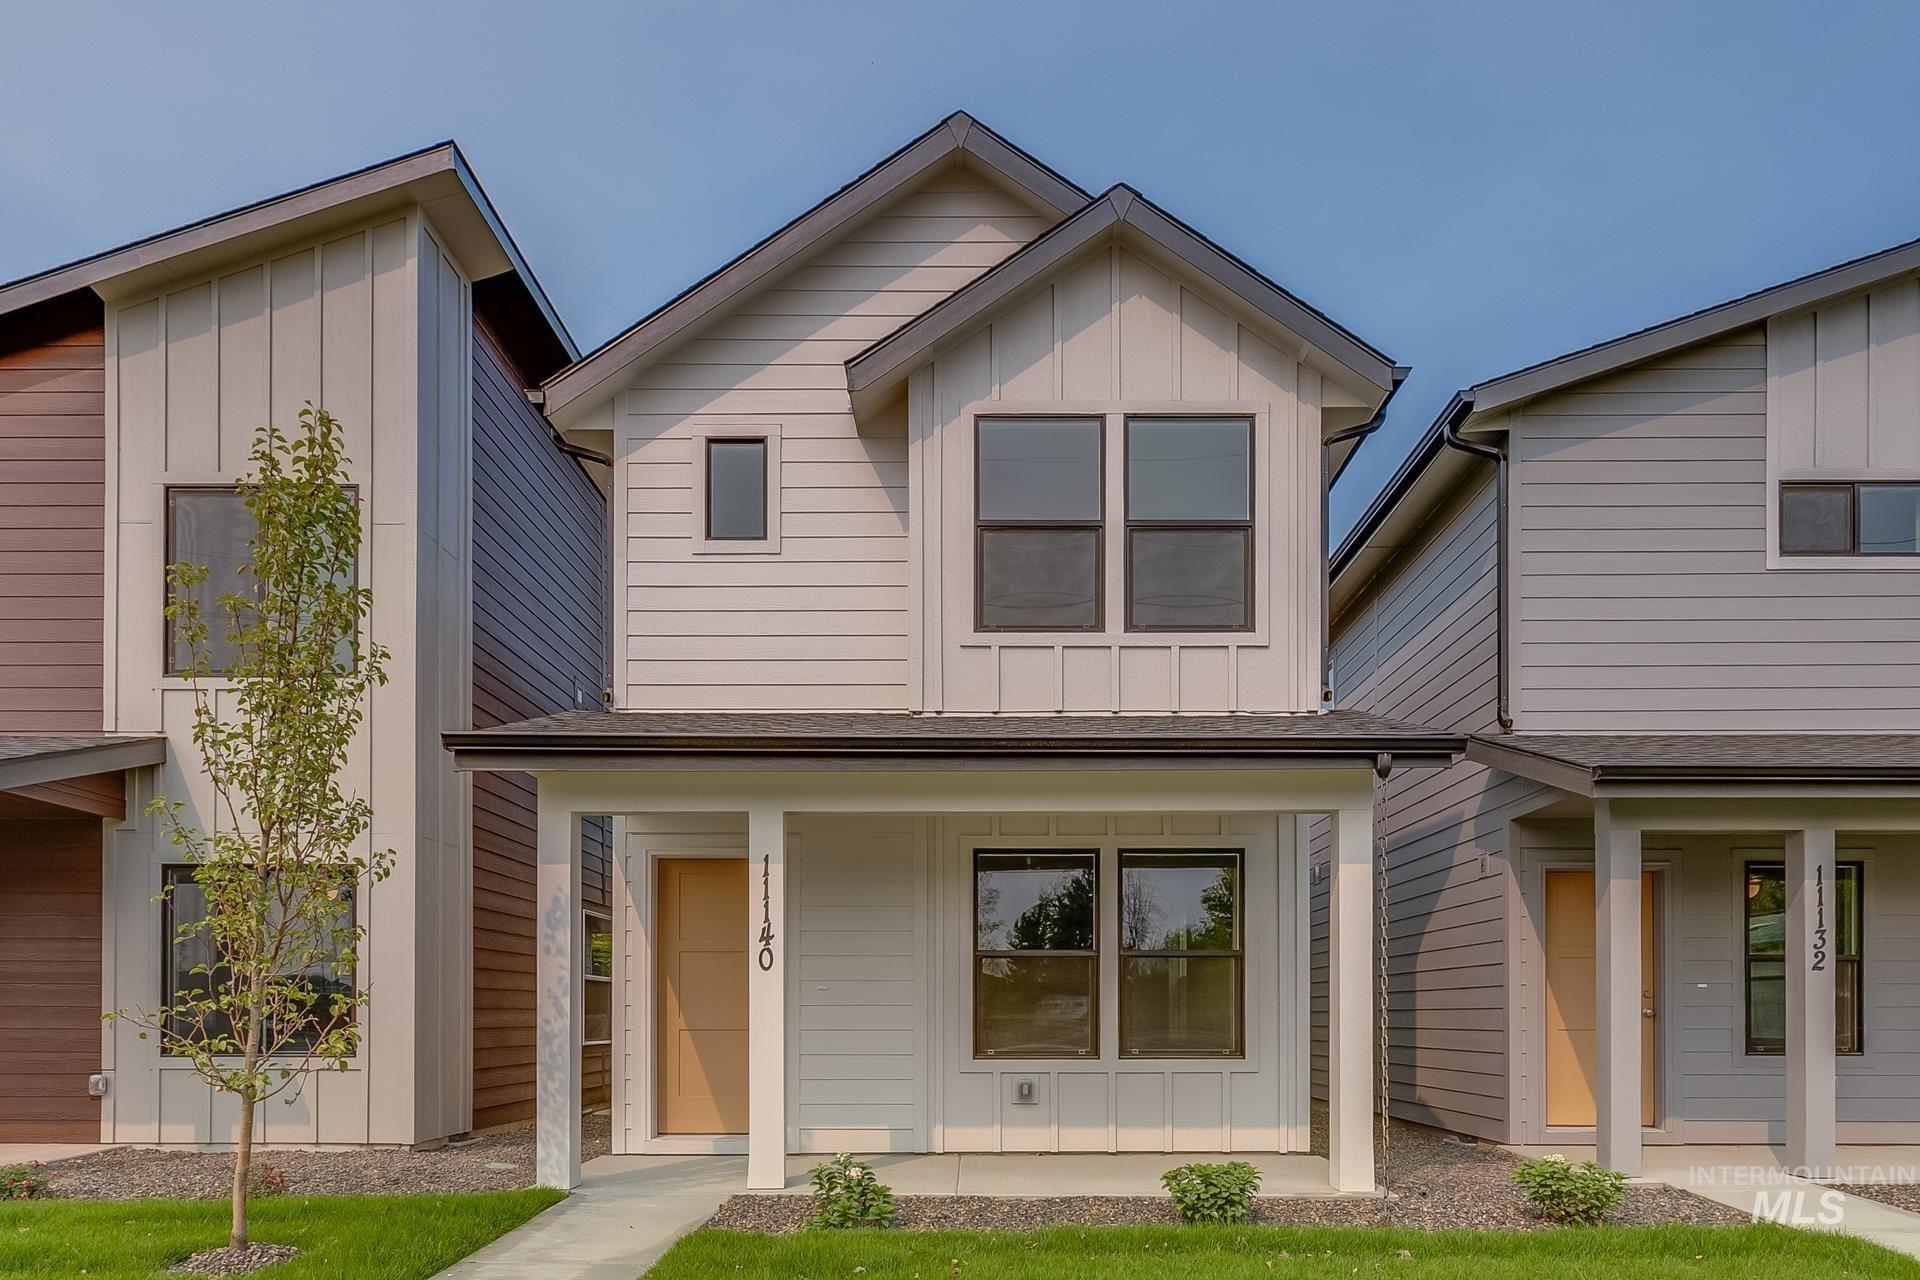 11140 W Ustick Rd, Boise, ID 83713-0000 - MLS#: 98817463